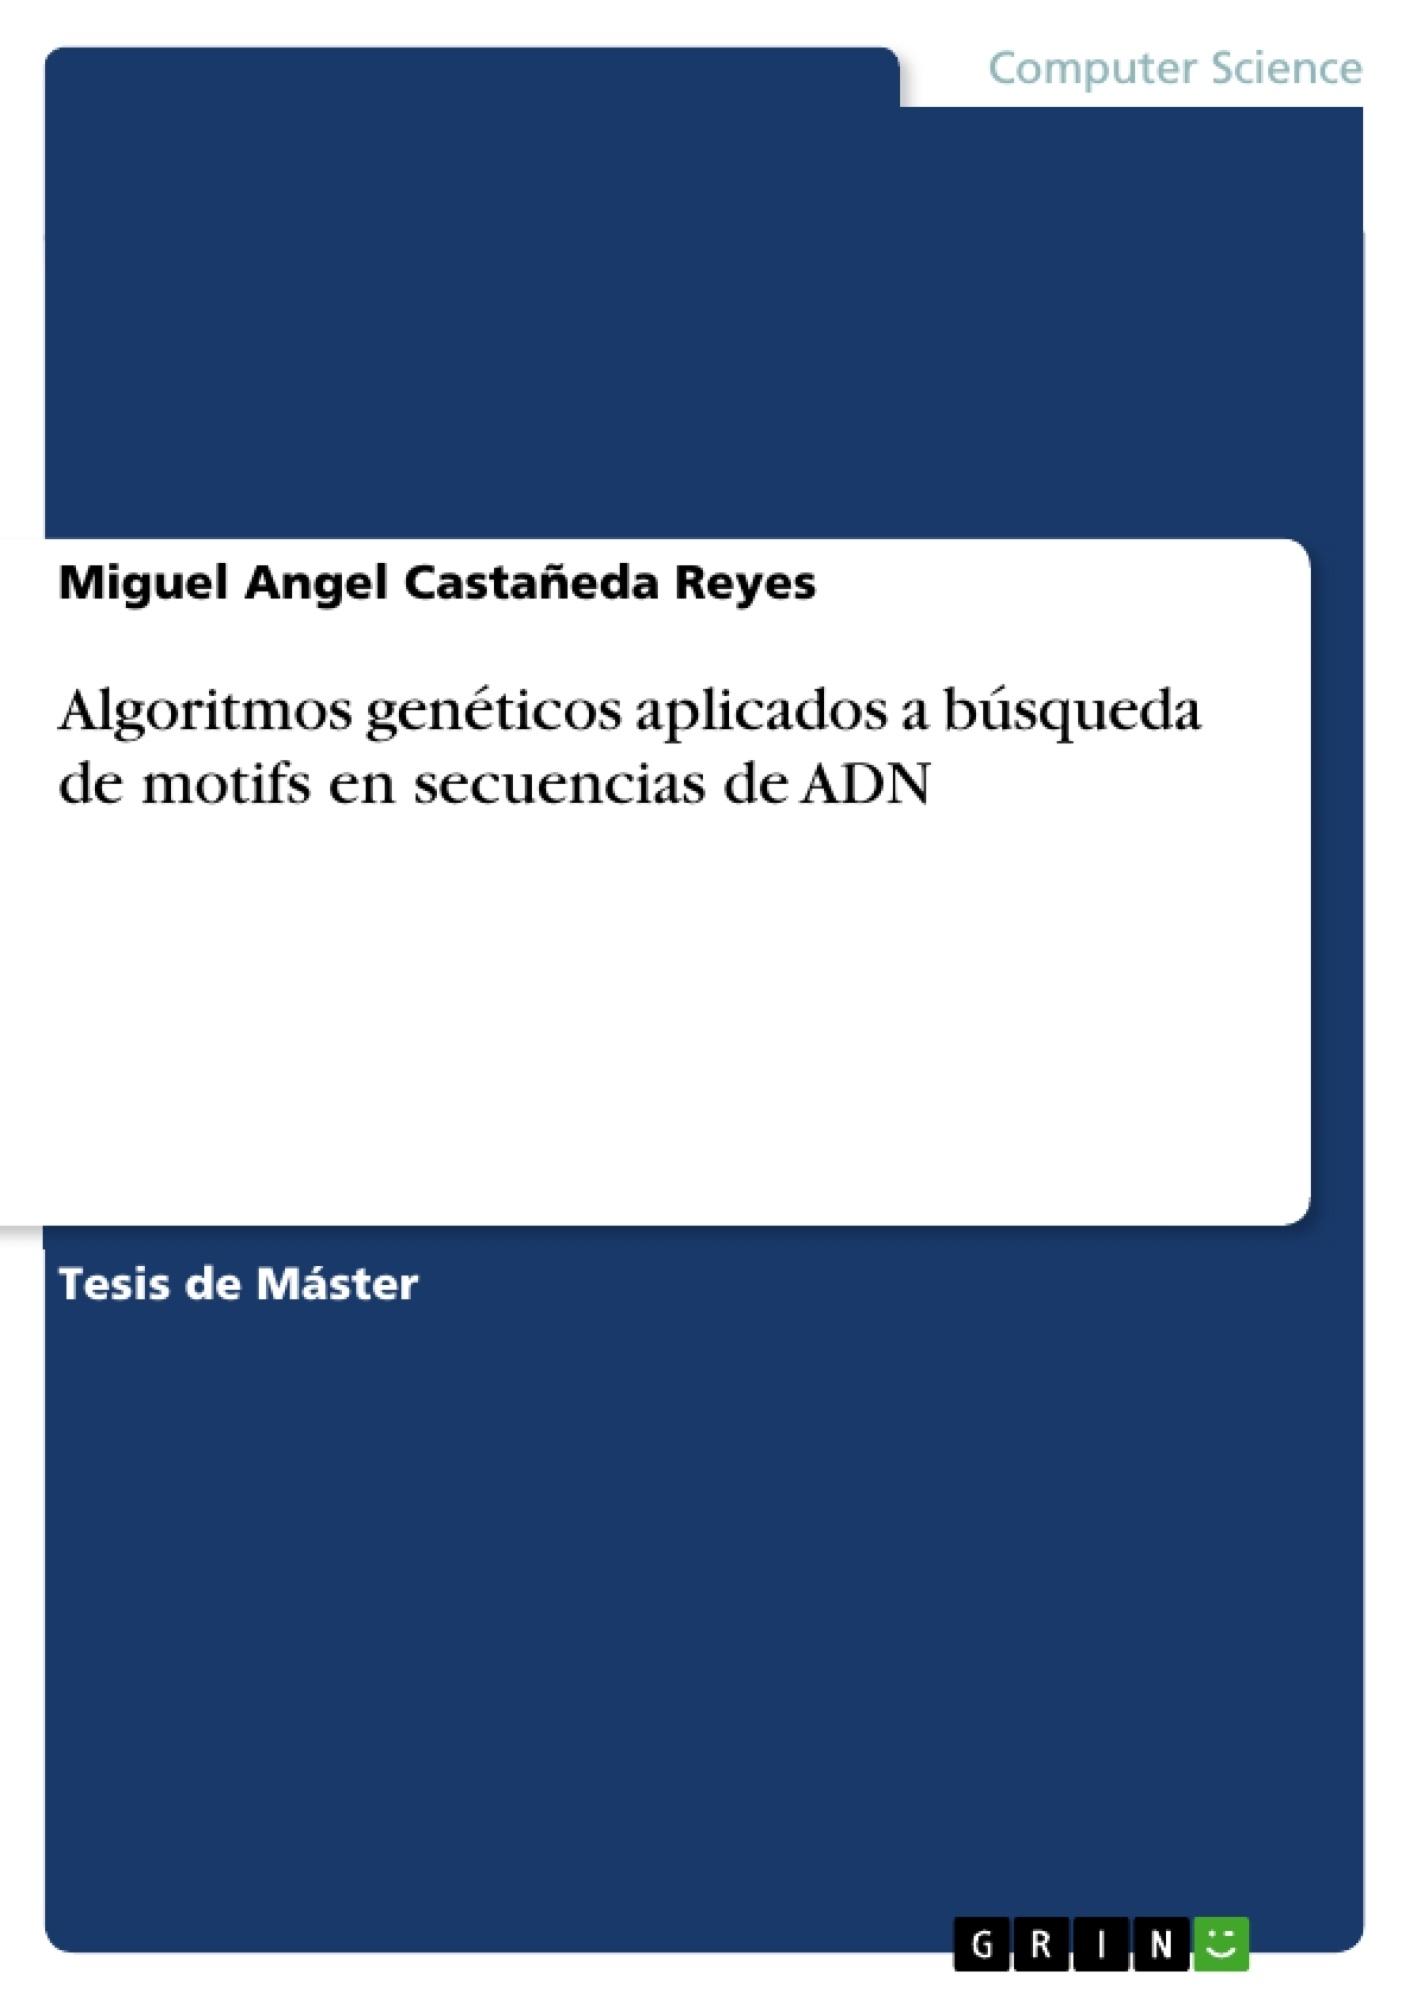 Título: Algoritmos genéticos aplicados a búsqueda de motifs en secuencias de ADN